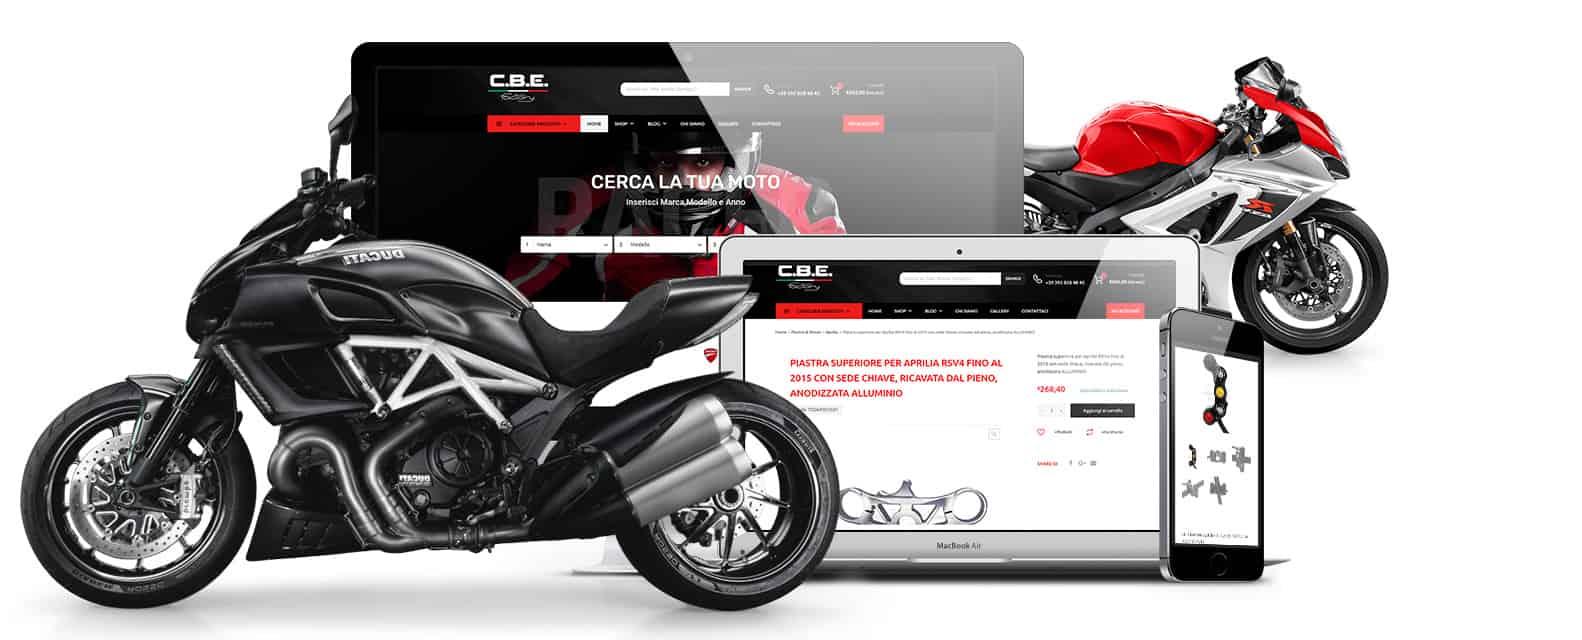 cbefactory realizzazione sito ecommerce accessori moto - Realizzazione Ecommerce accessori moto in cnc - CBE FACTORY - Web Agency Napoli Flashex